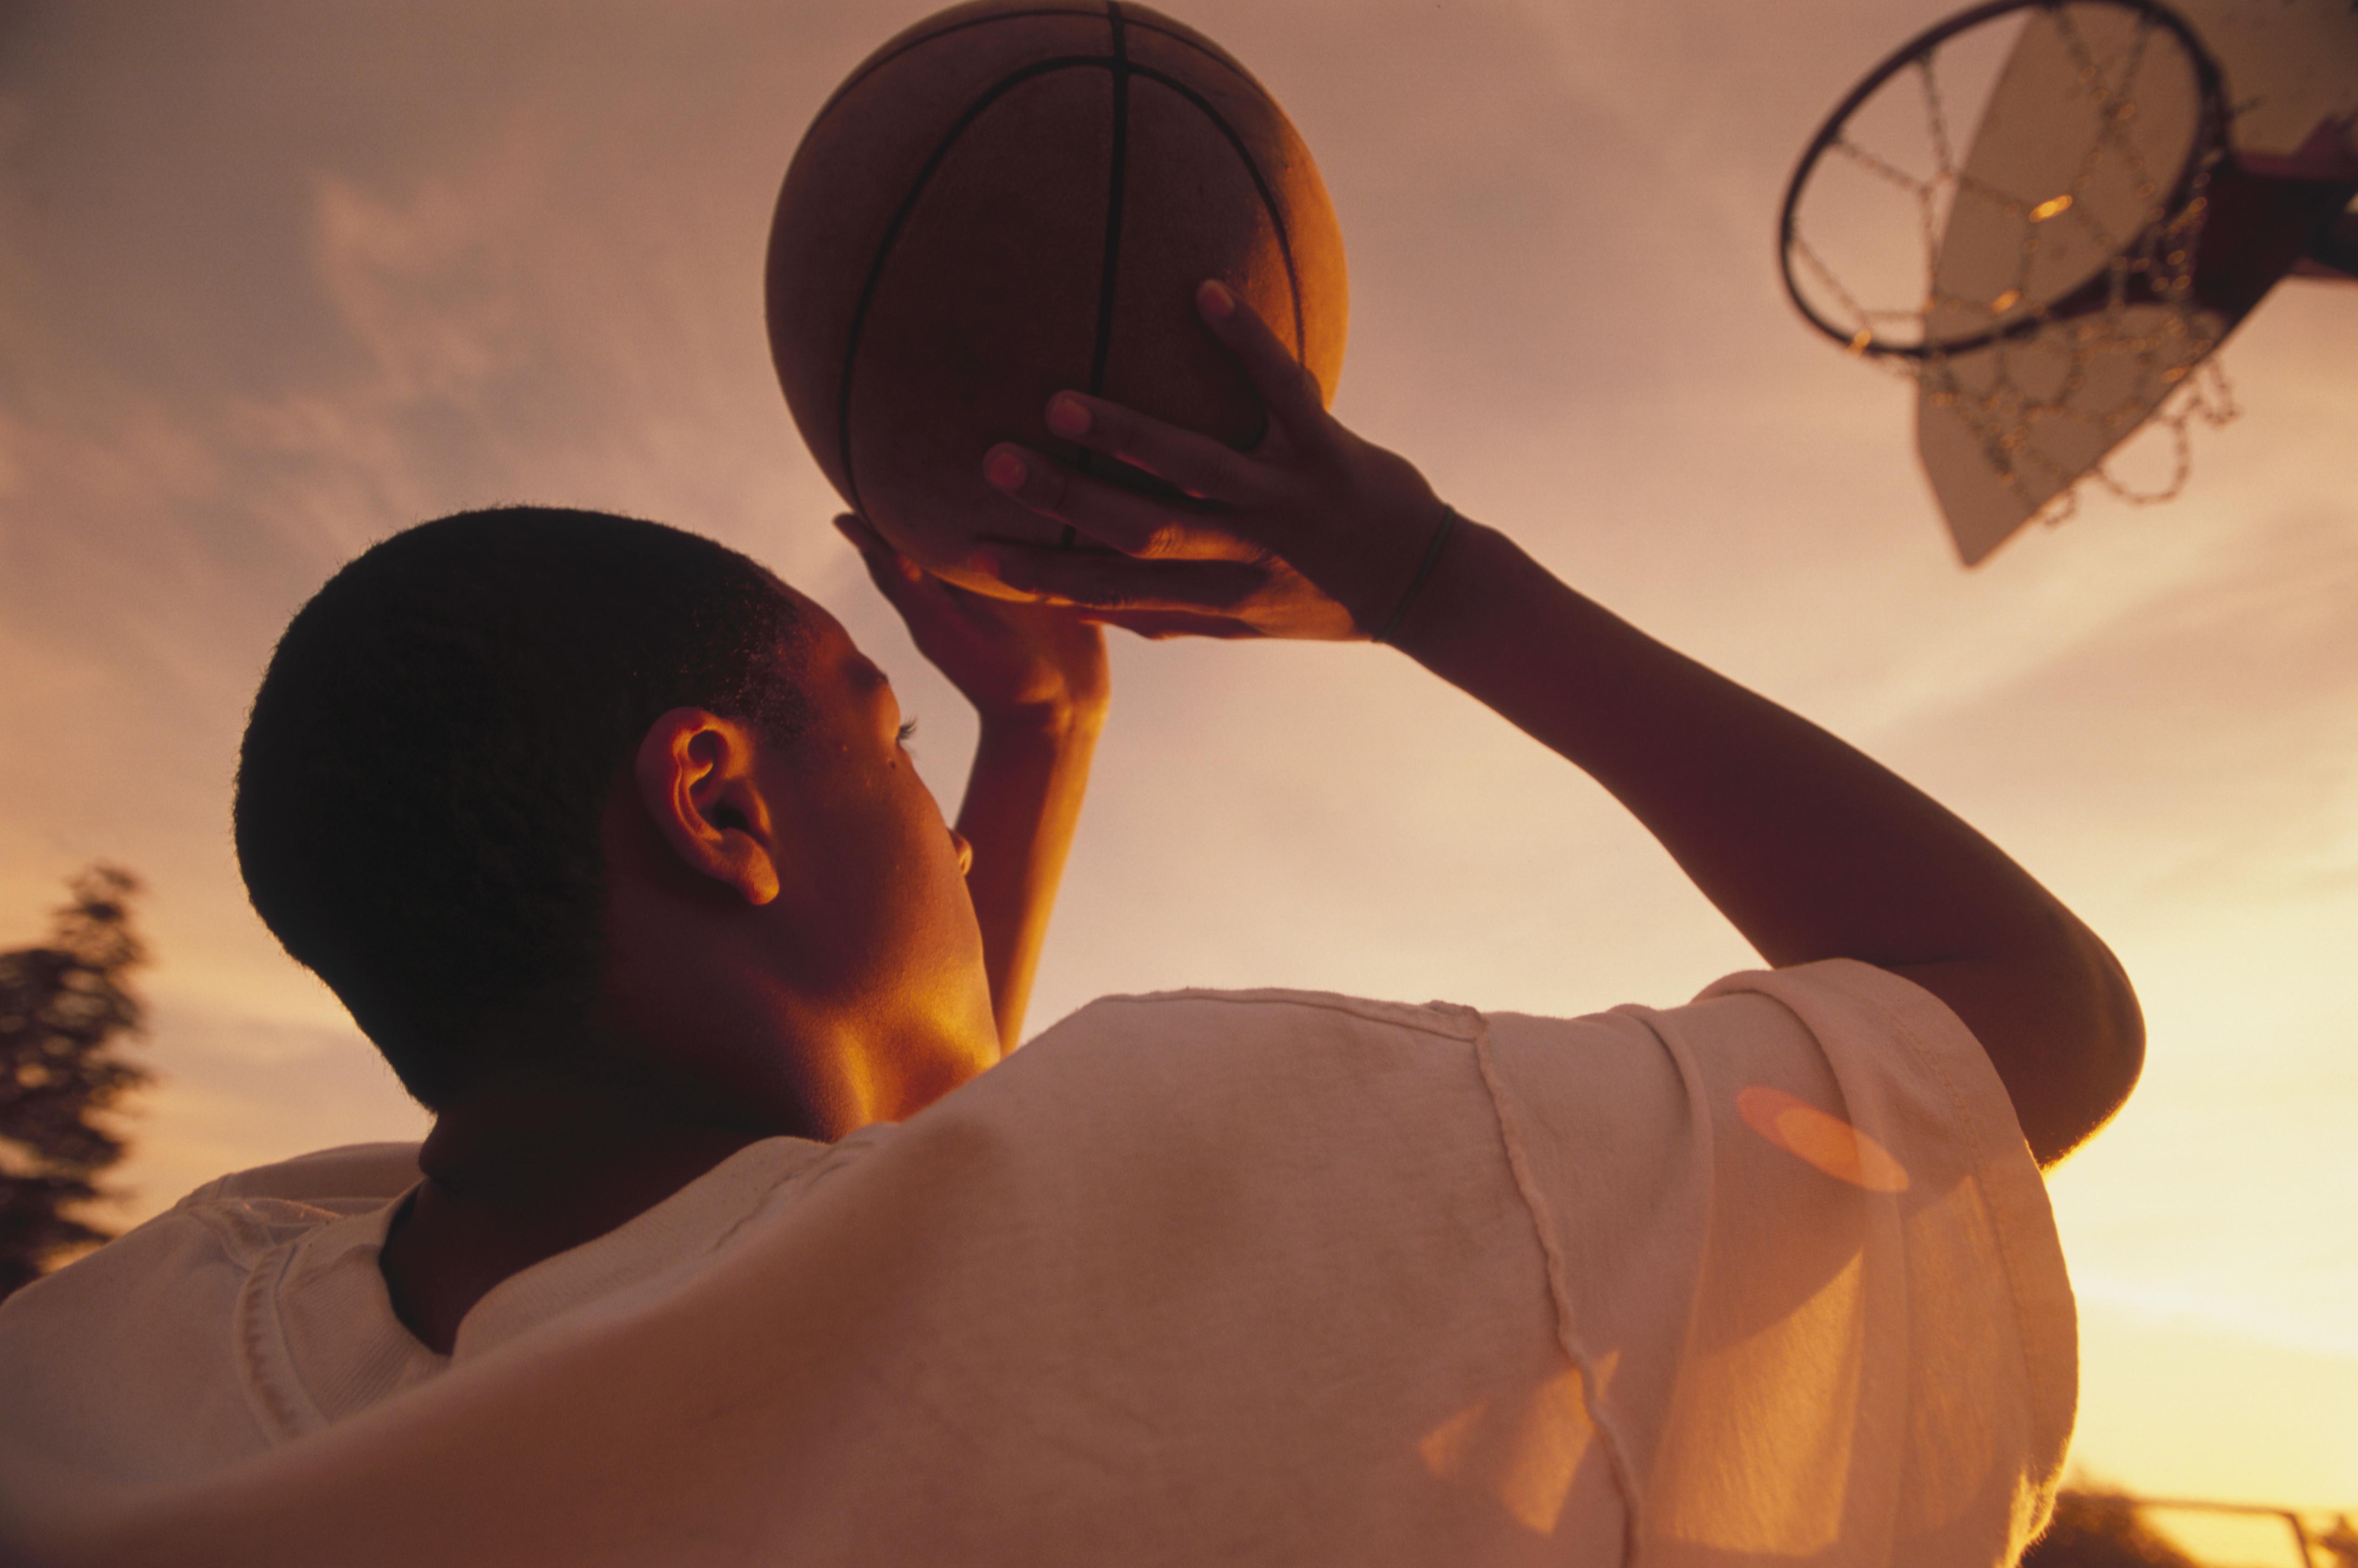 Boy Aiming Basketball at Hoop